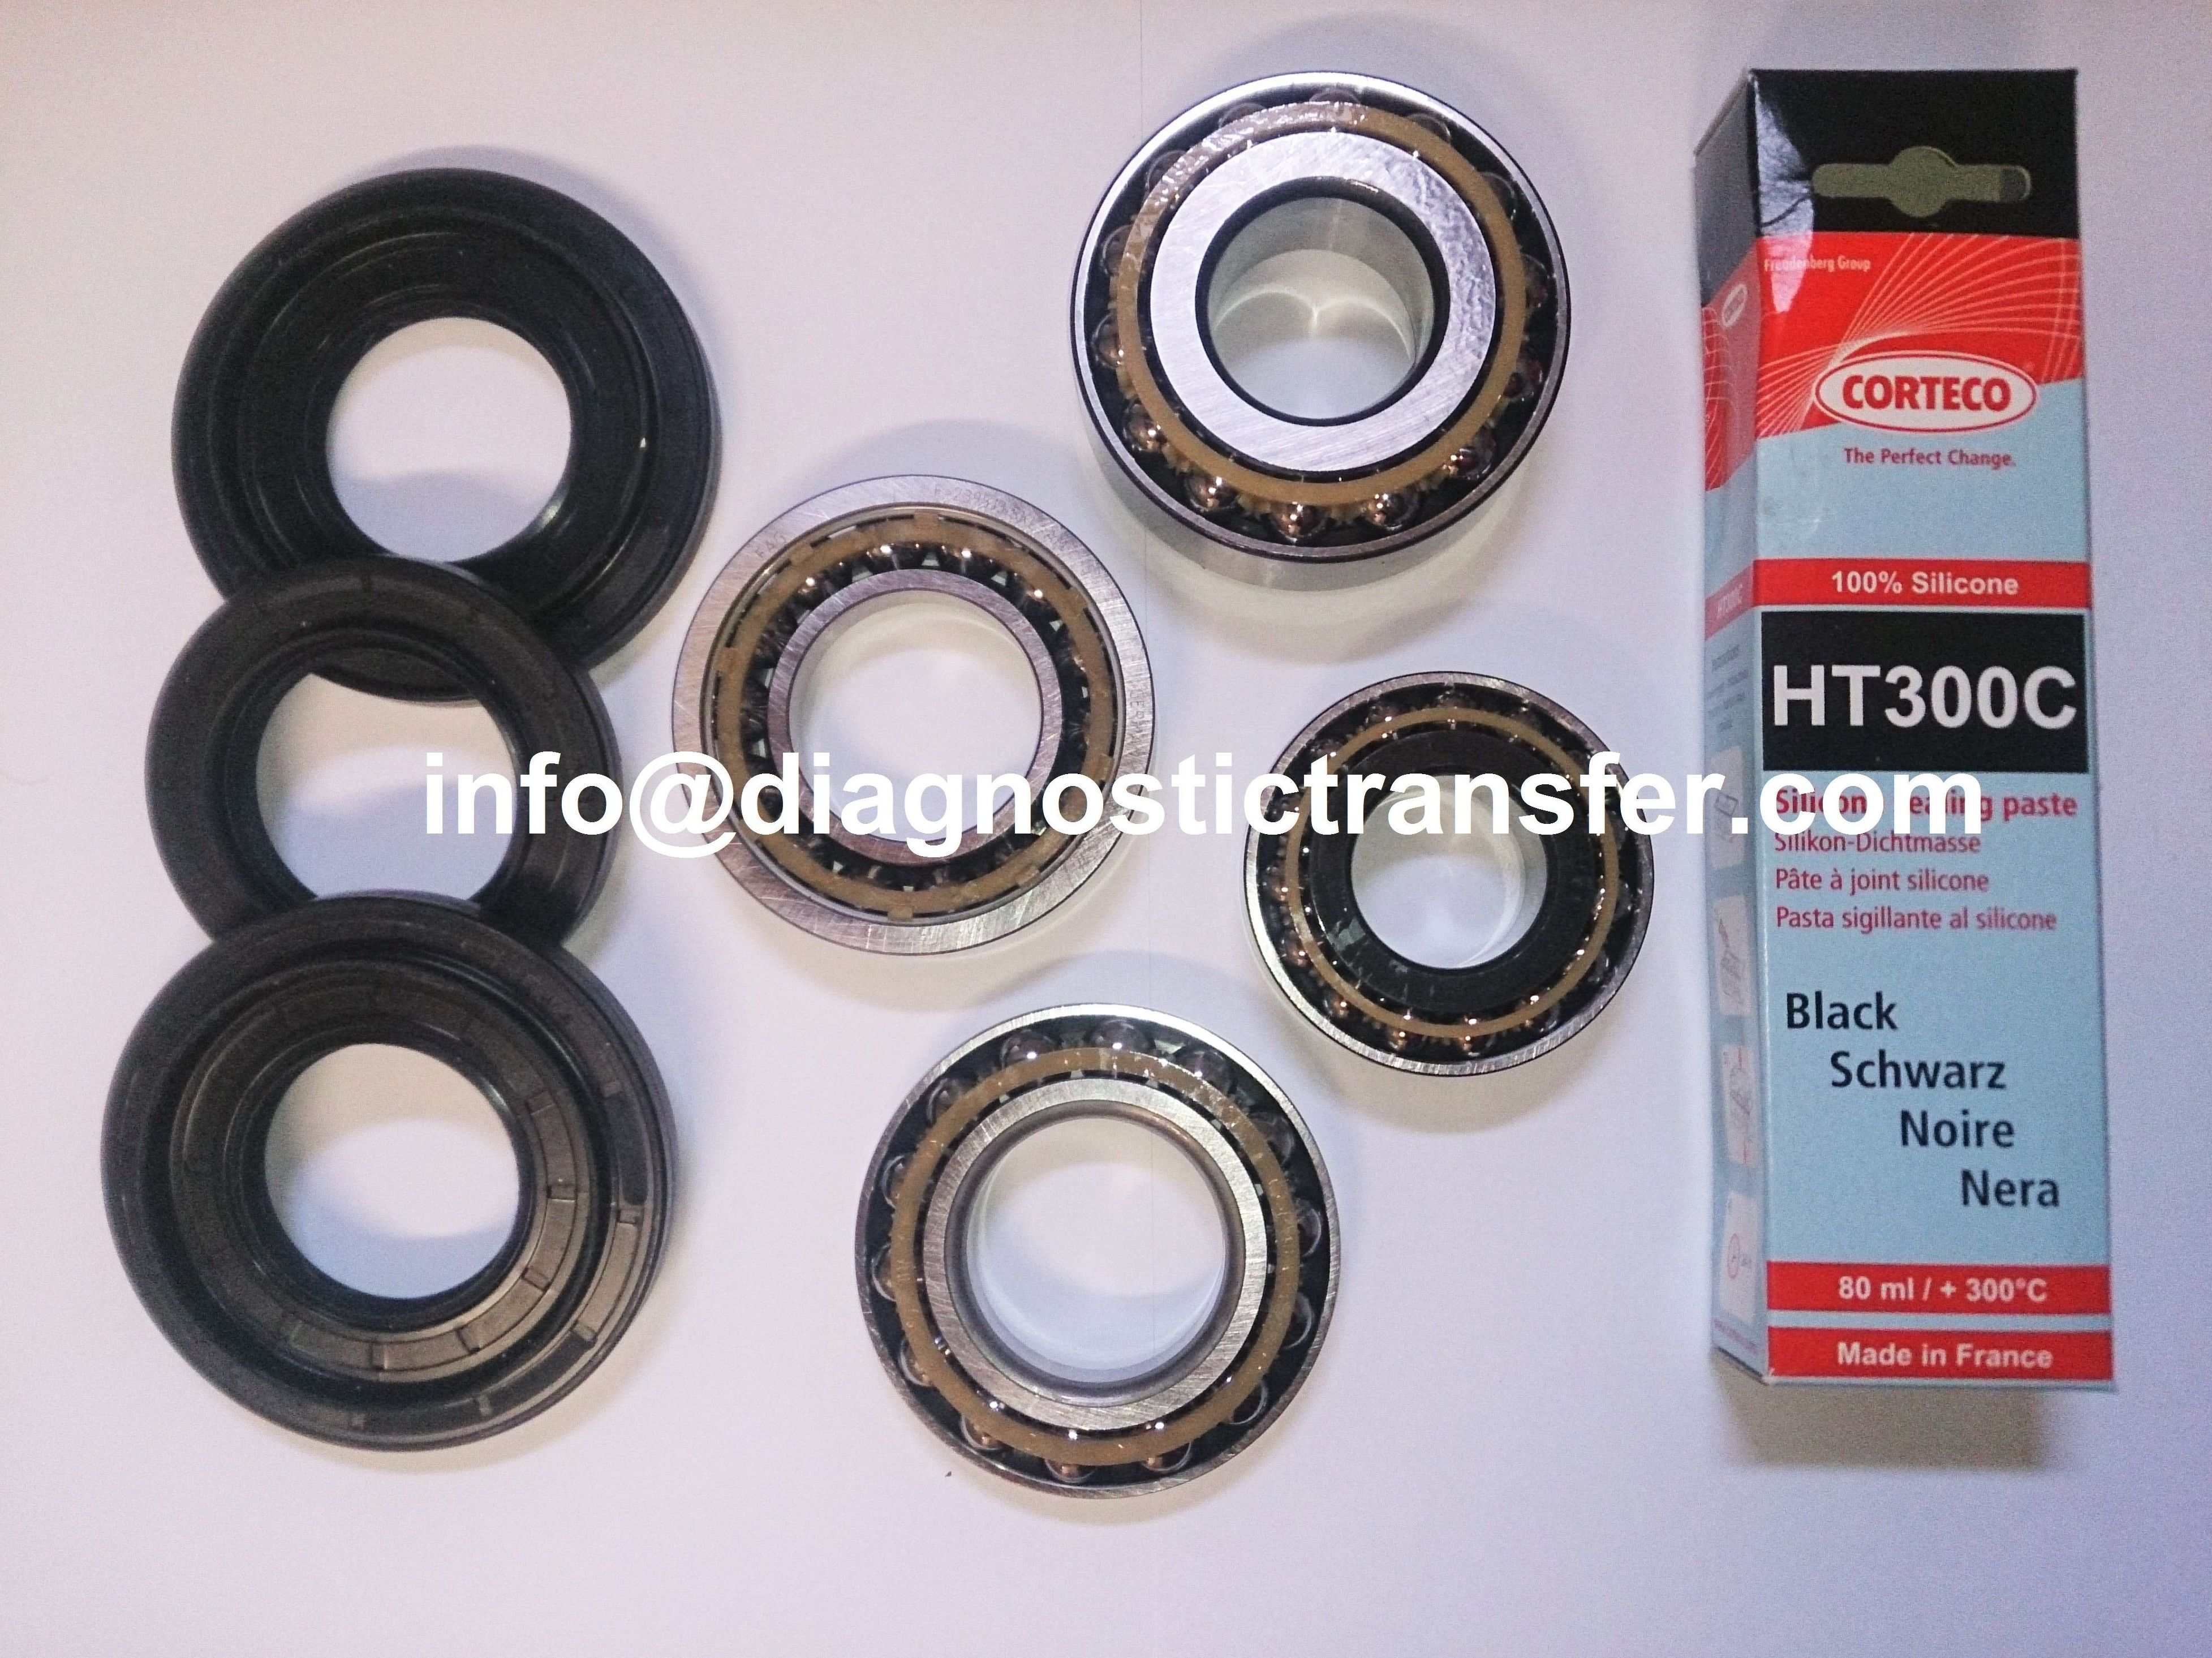 Kit diferencial BMW serie 1 formado por rodamientos, retenes y silicona HT300